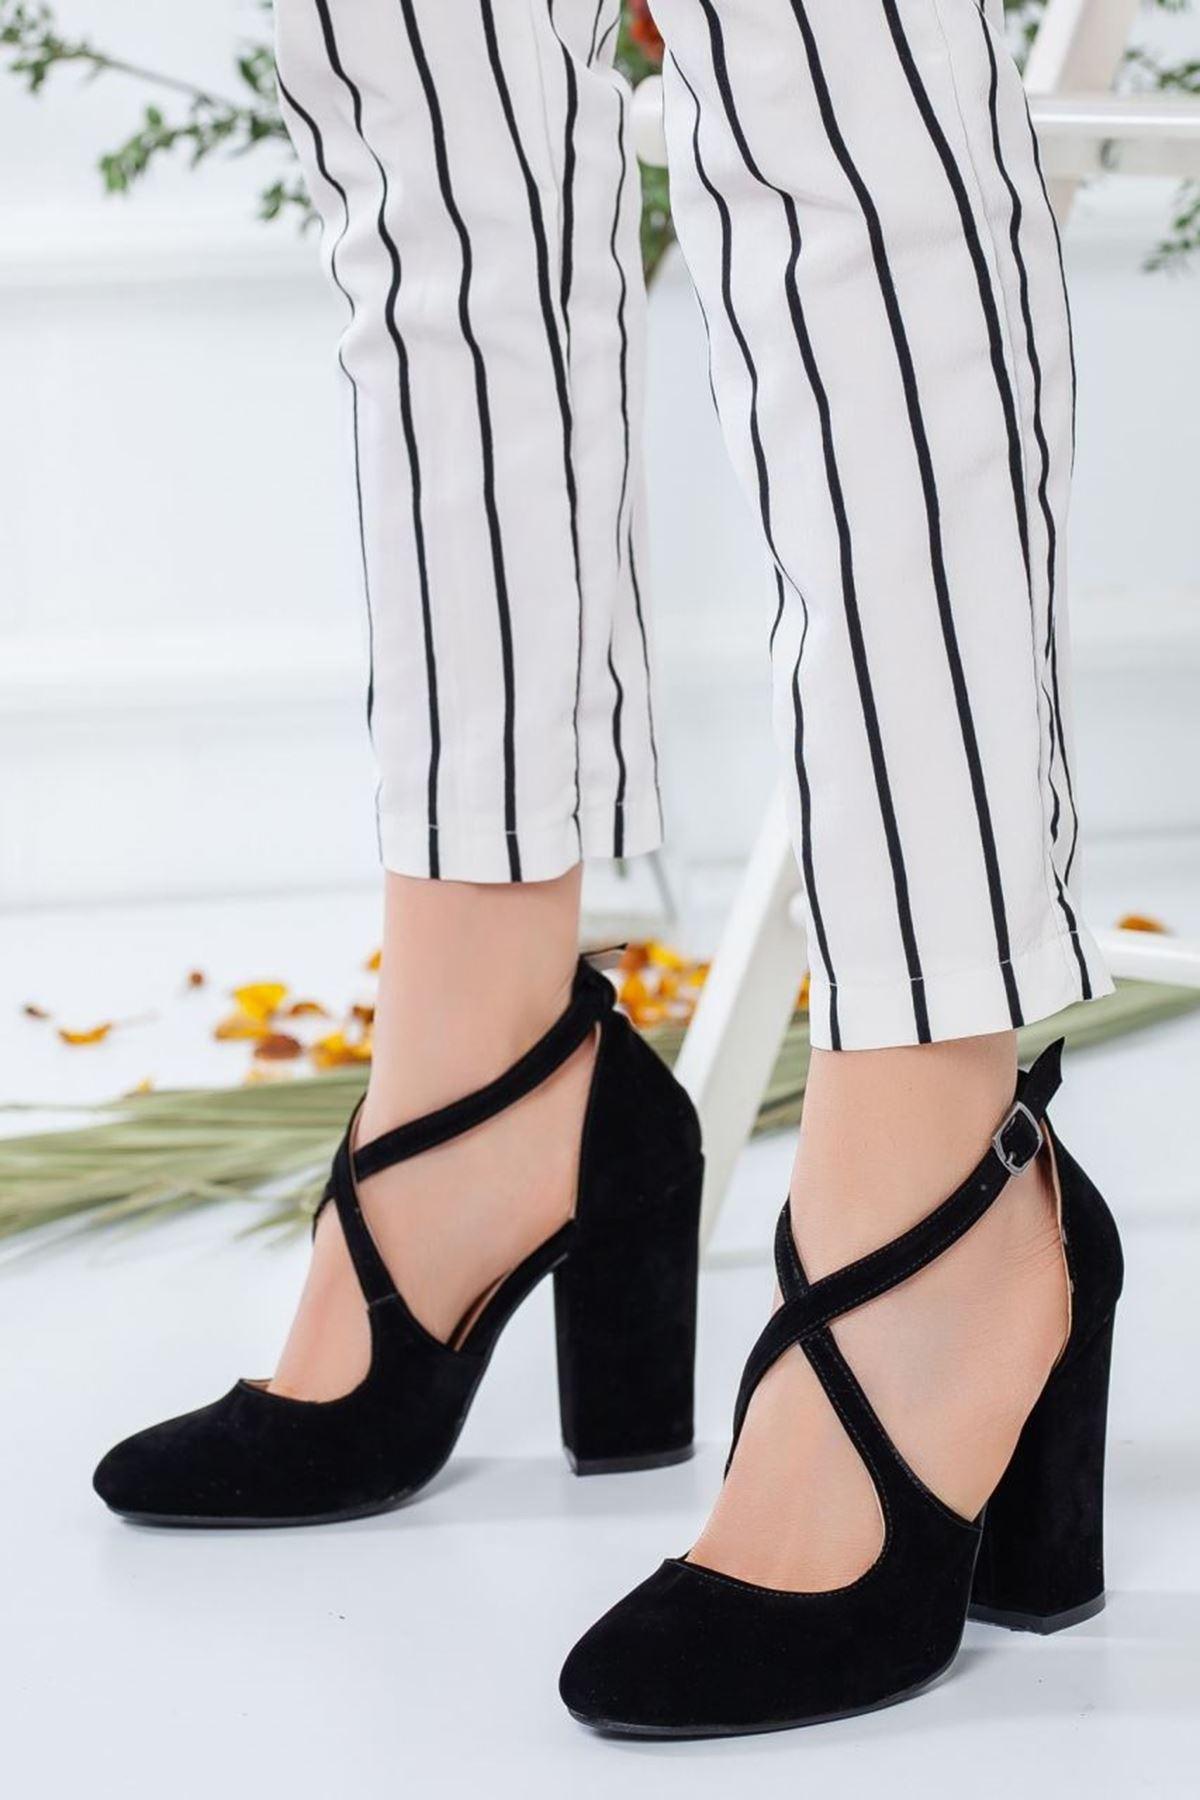 Kadın Simor Süet Topuklu Ayakkabı Siyah